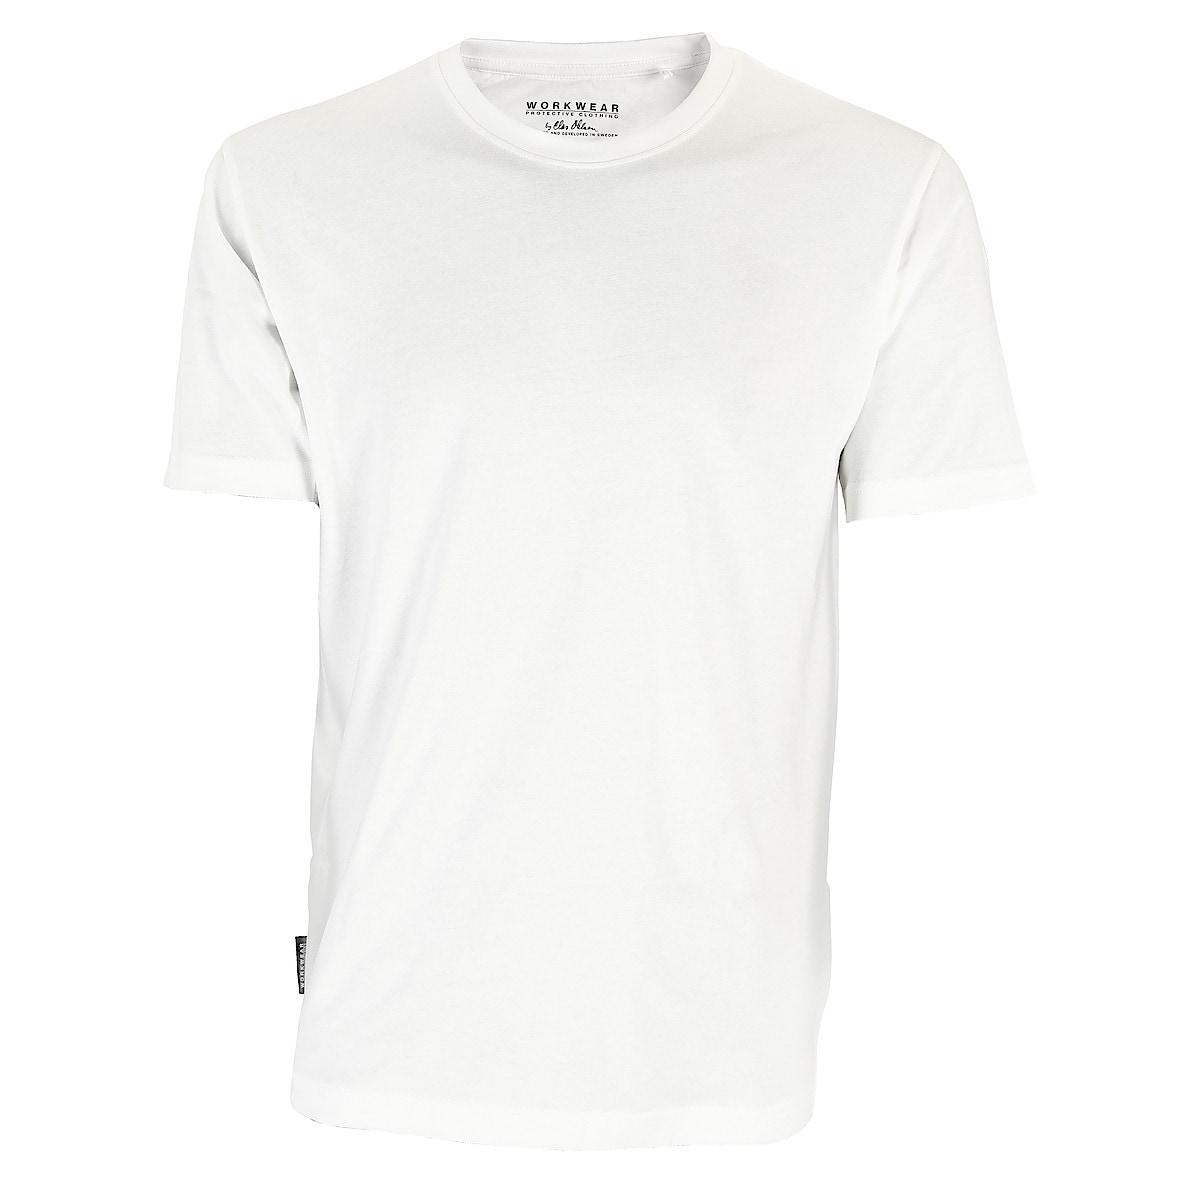 T-shirt herr vit